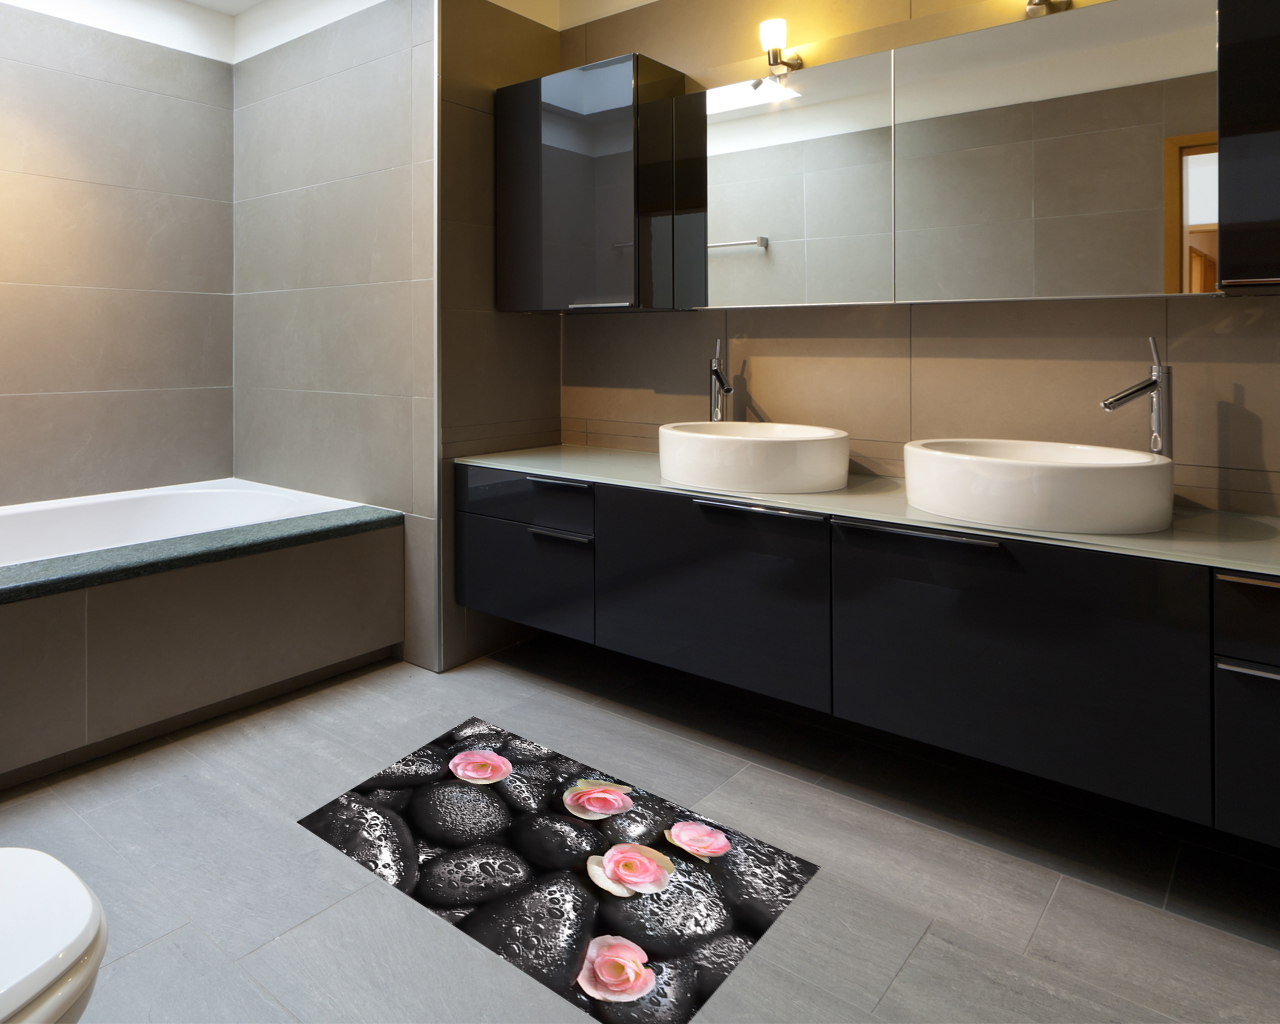 Adesivo per pavimento-Fiori su pietre nere